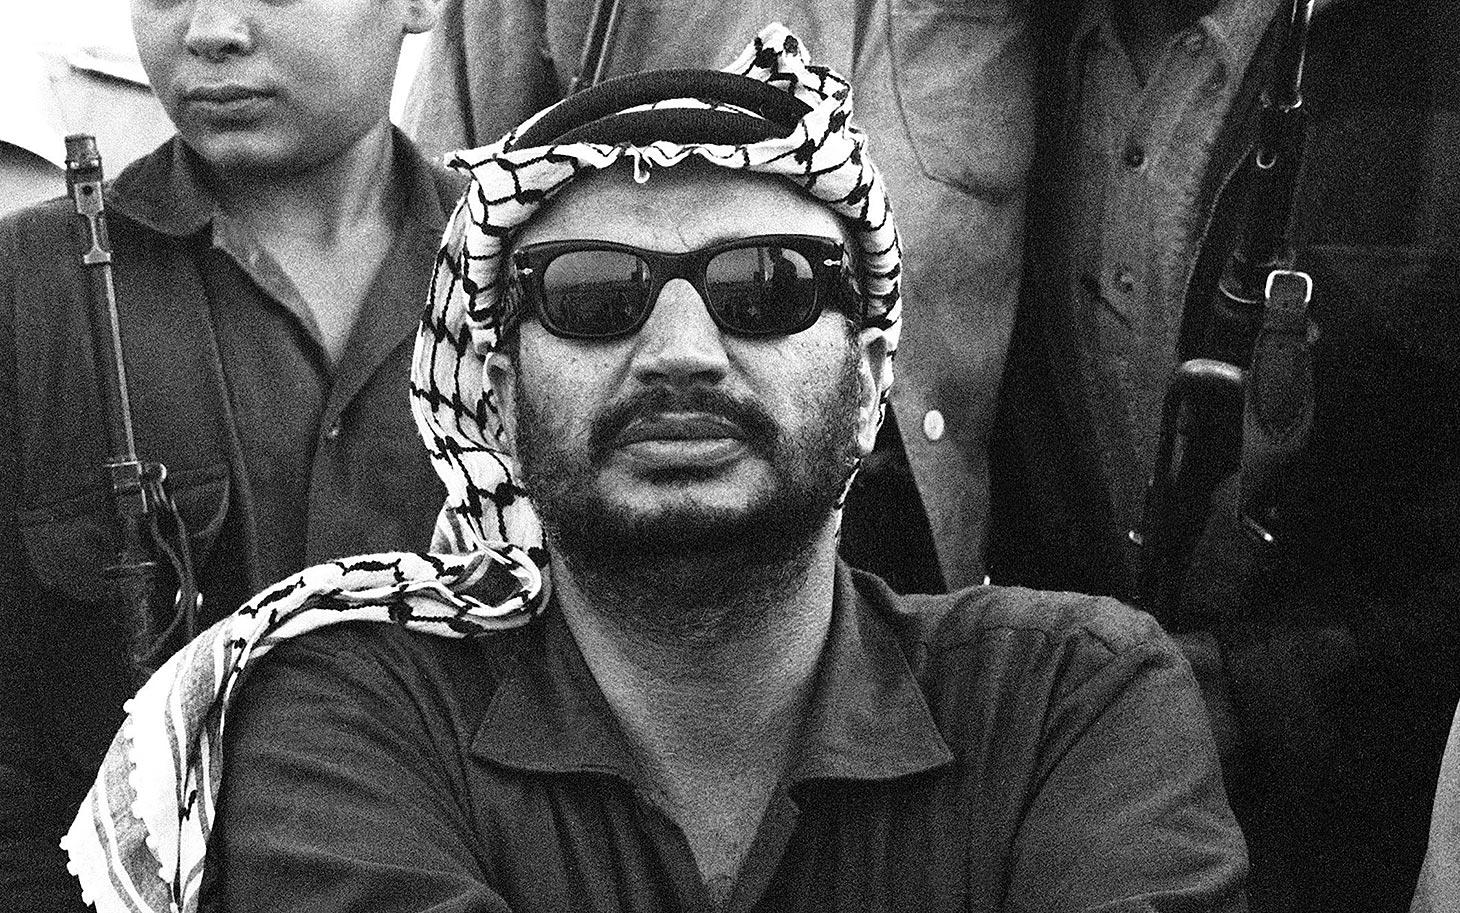 Una reflexión a diez años de la muerte de Yasser Arafat – Por Federico Gaon